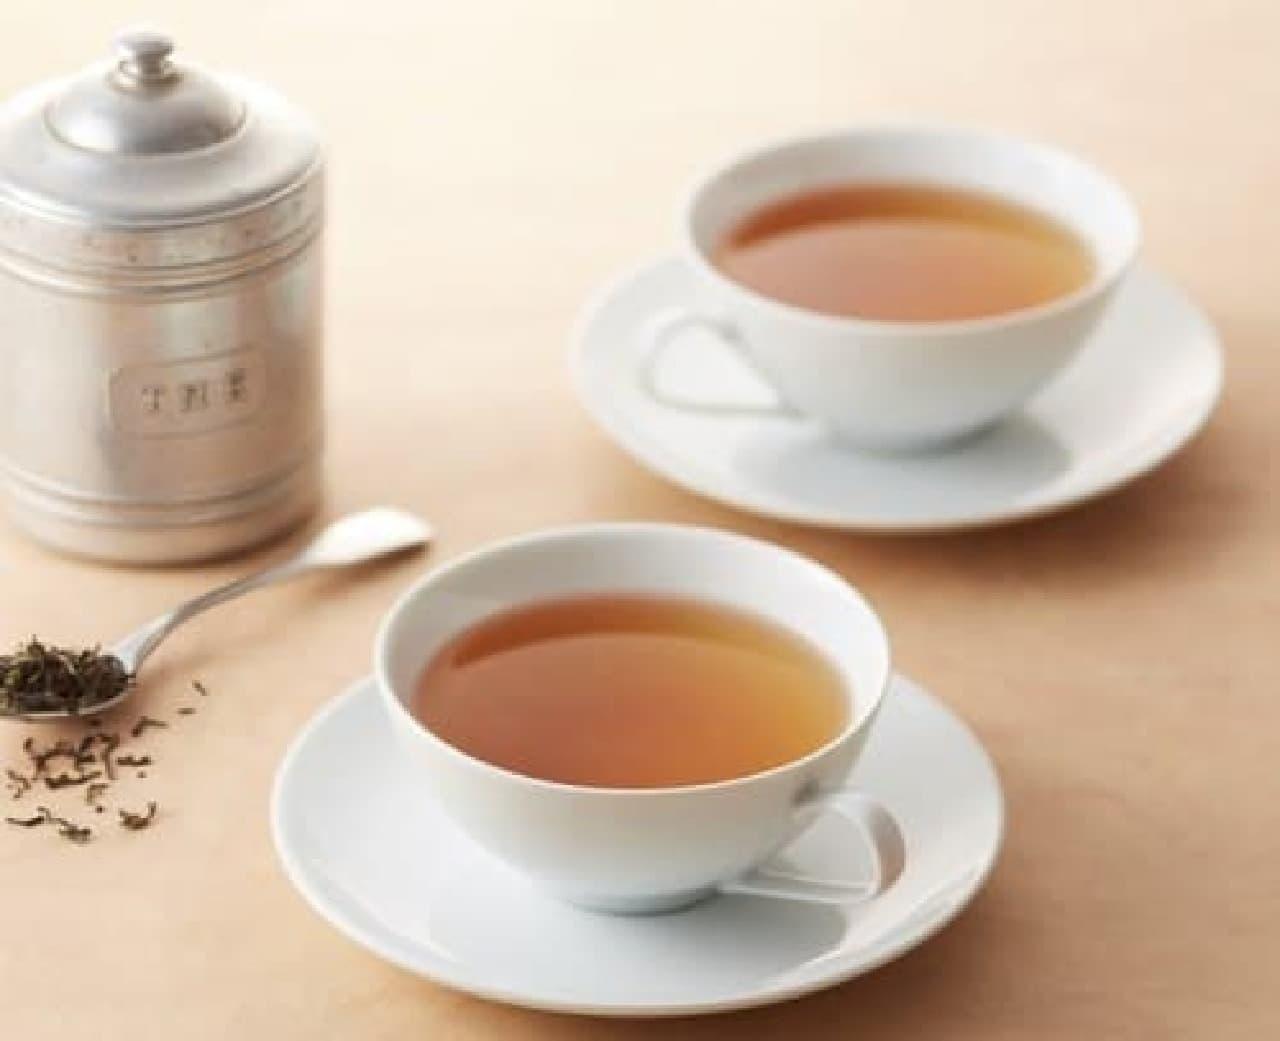 タリーズコーヒー &TEA「&TEA クオリティダージリン」